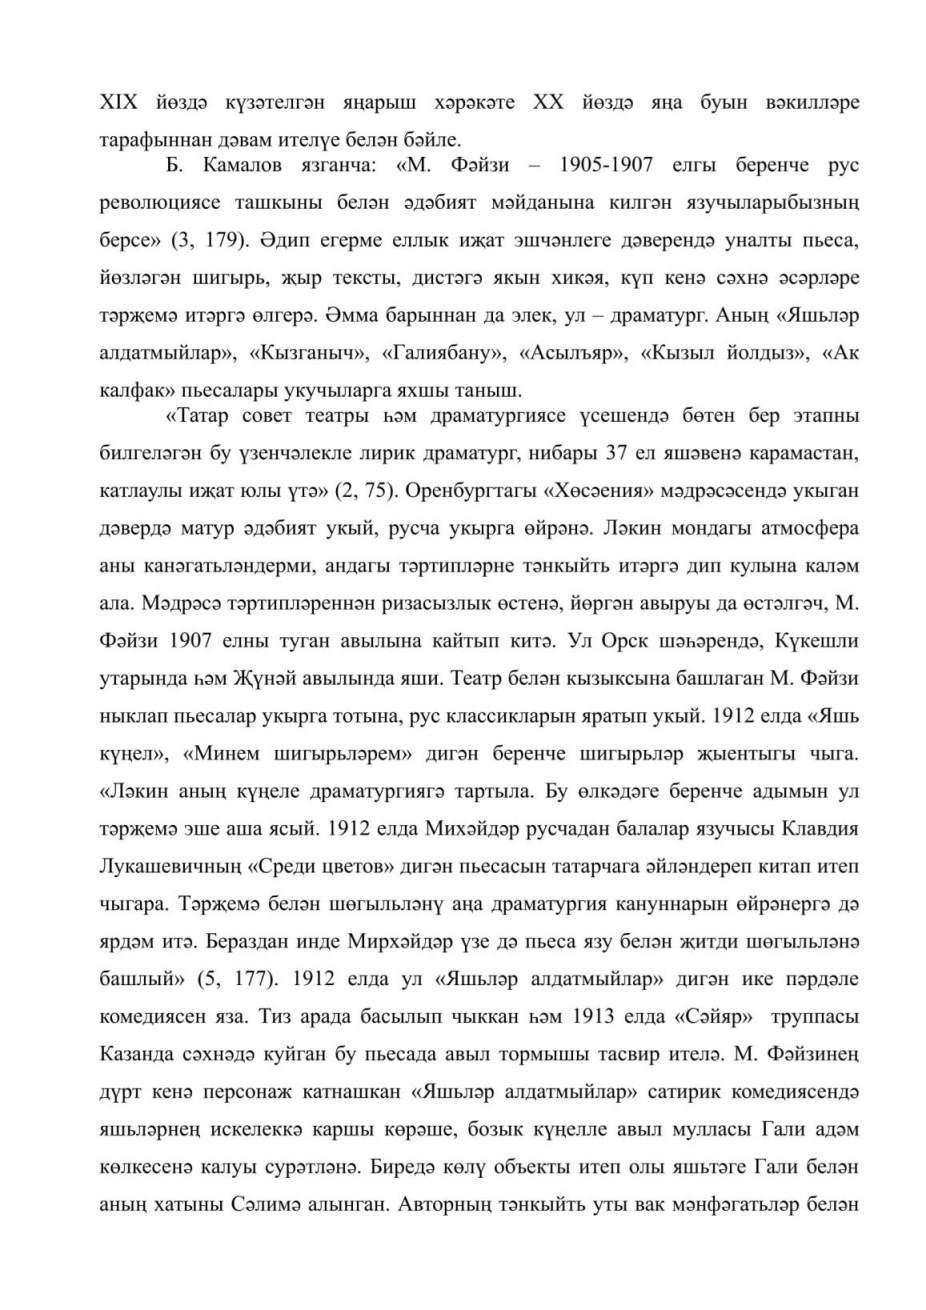 Вафина А.М.-2